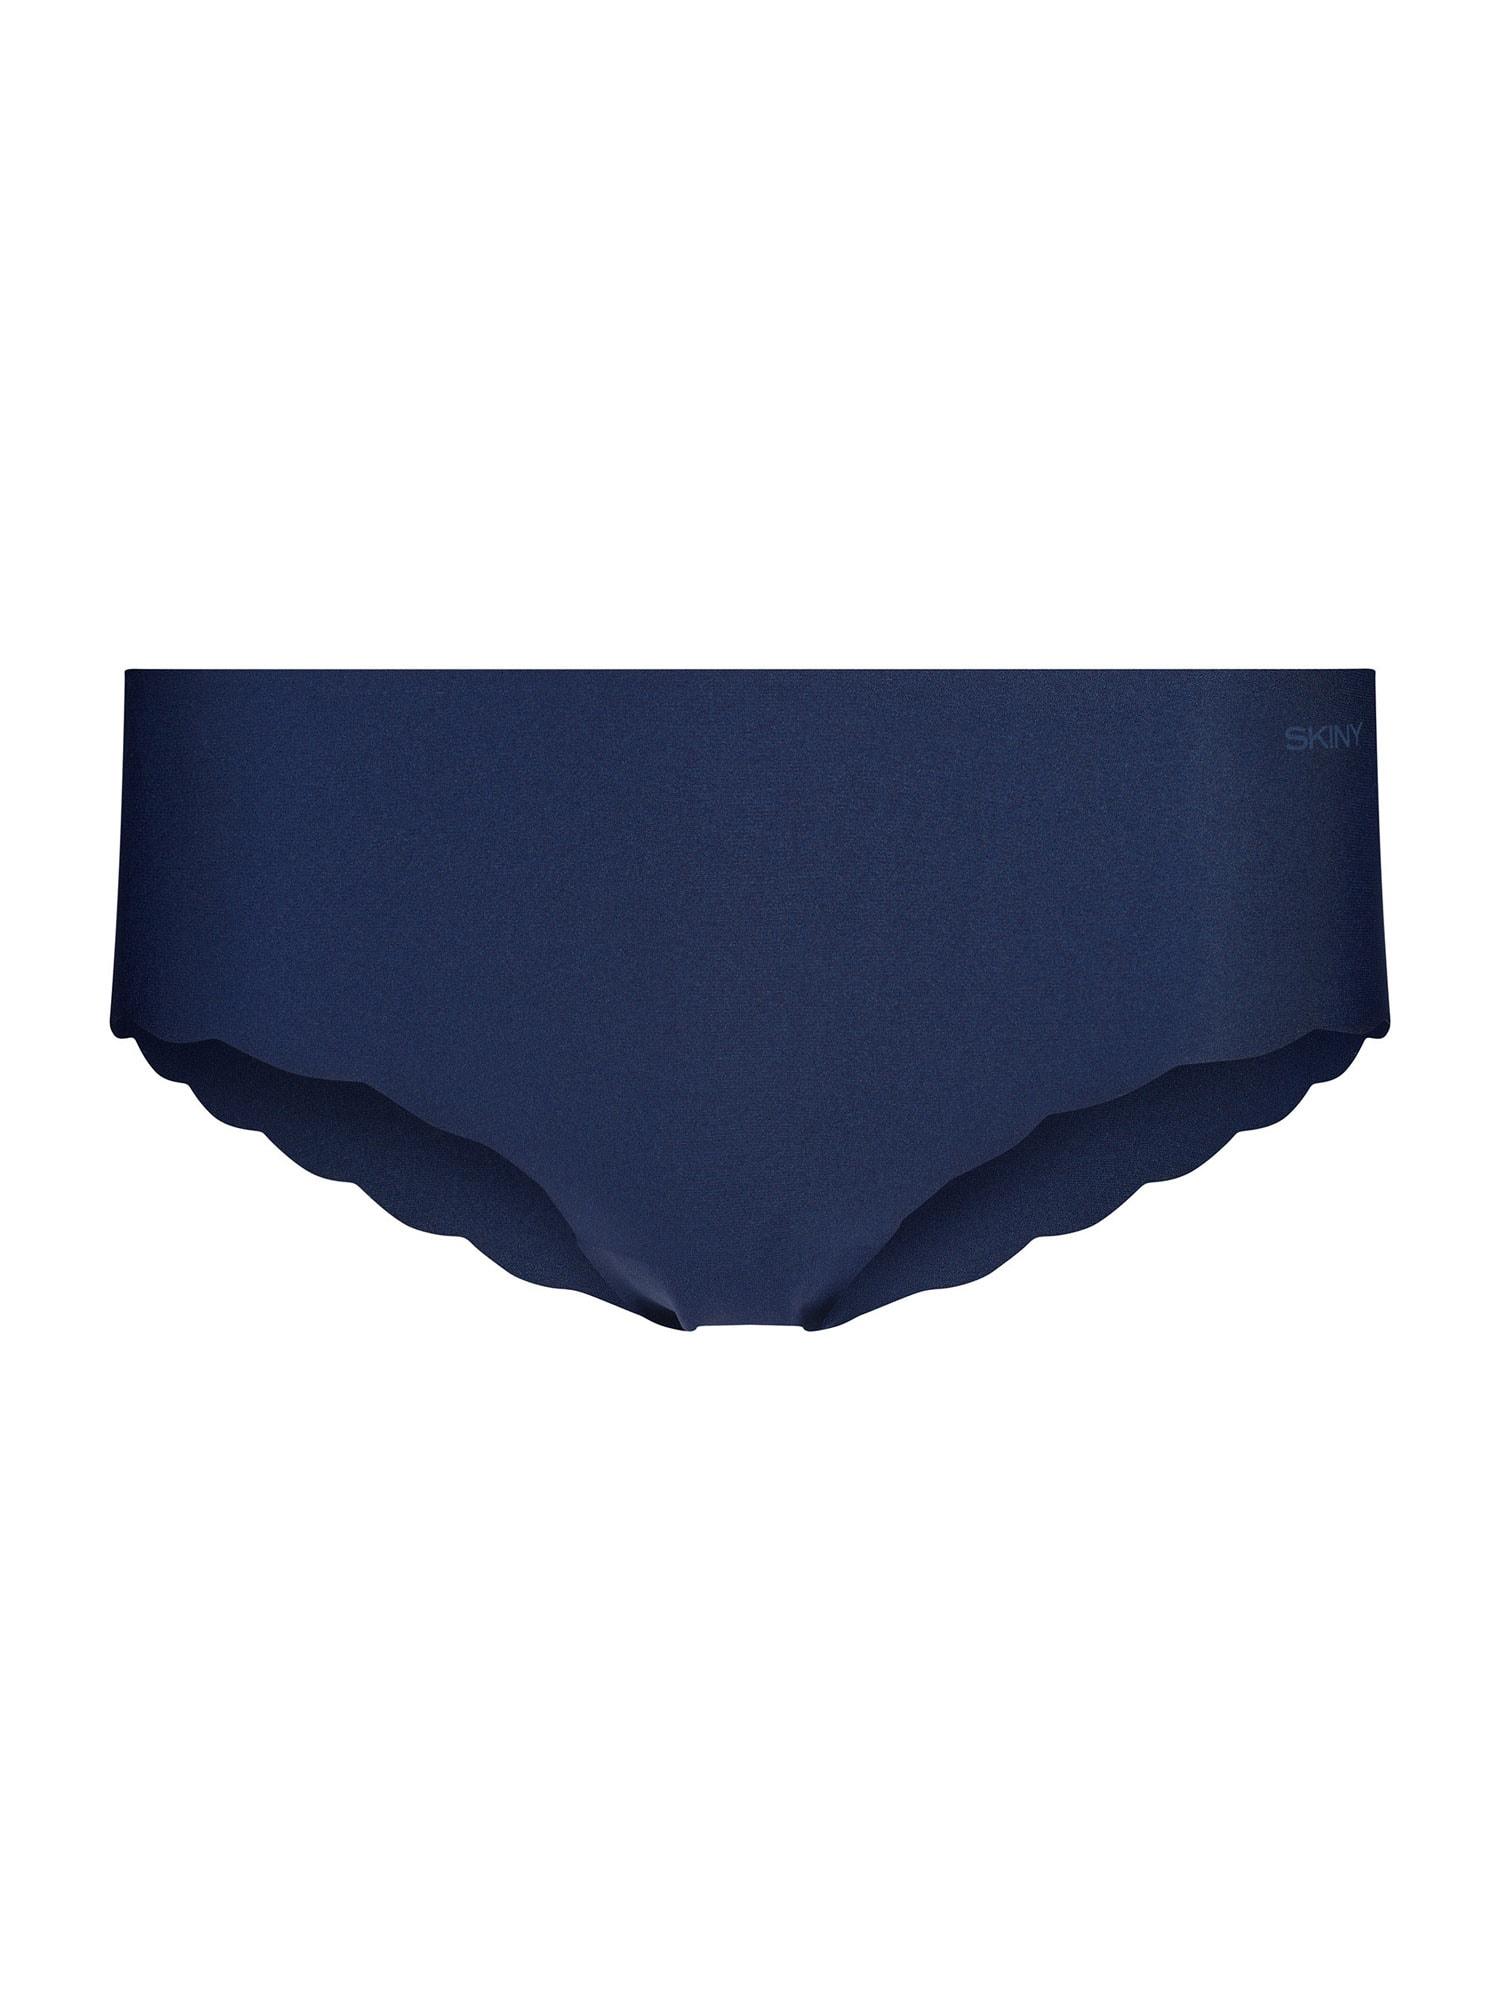 Skiny Kalhotky 'Micro Lovers'  námořnická modř